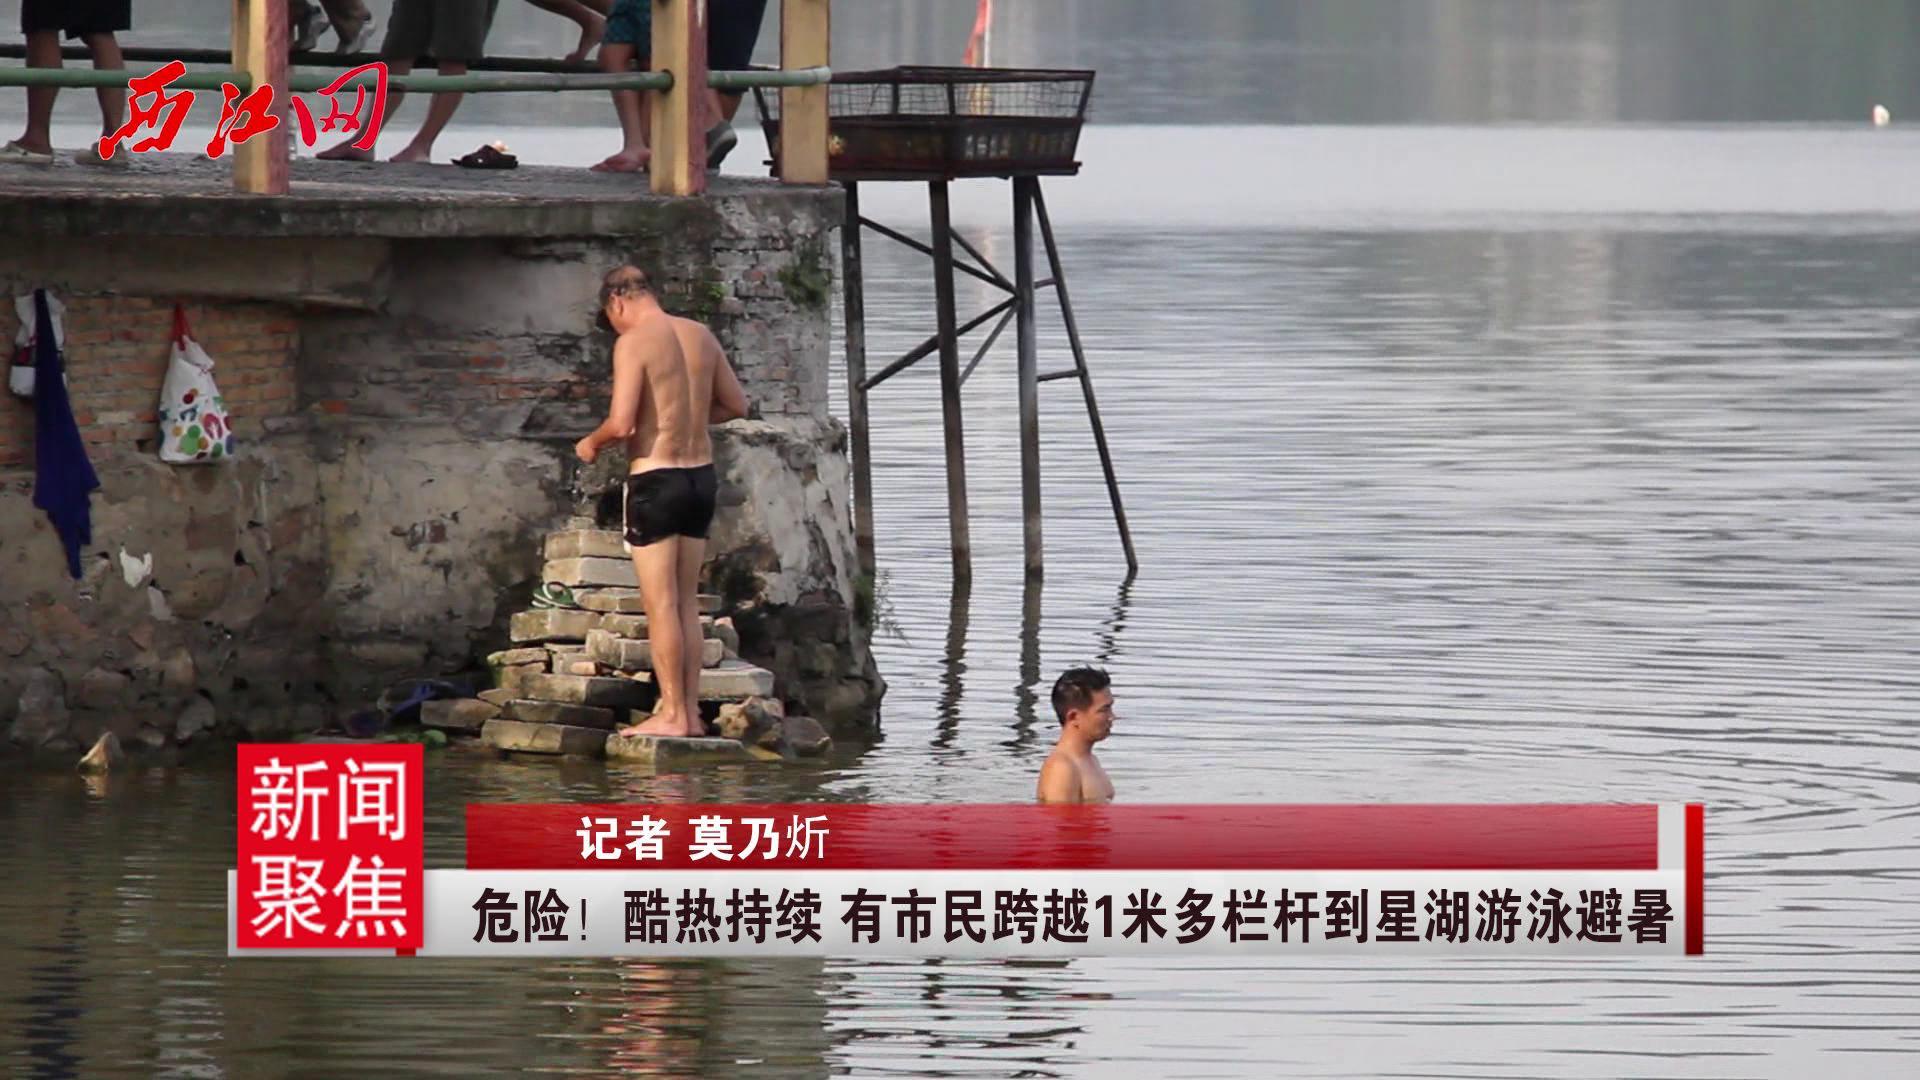 危险!有市民跨越栏杆到星湖游泳避暑